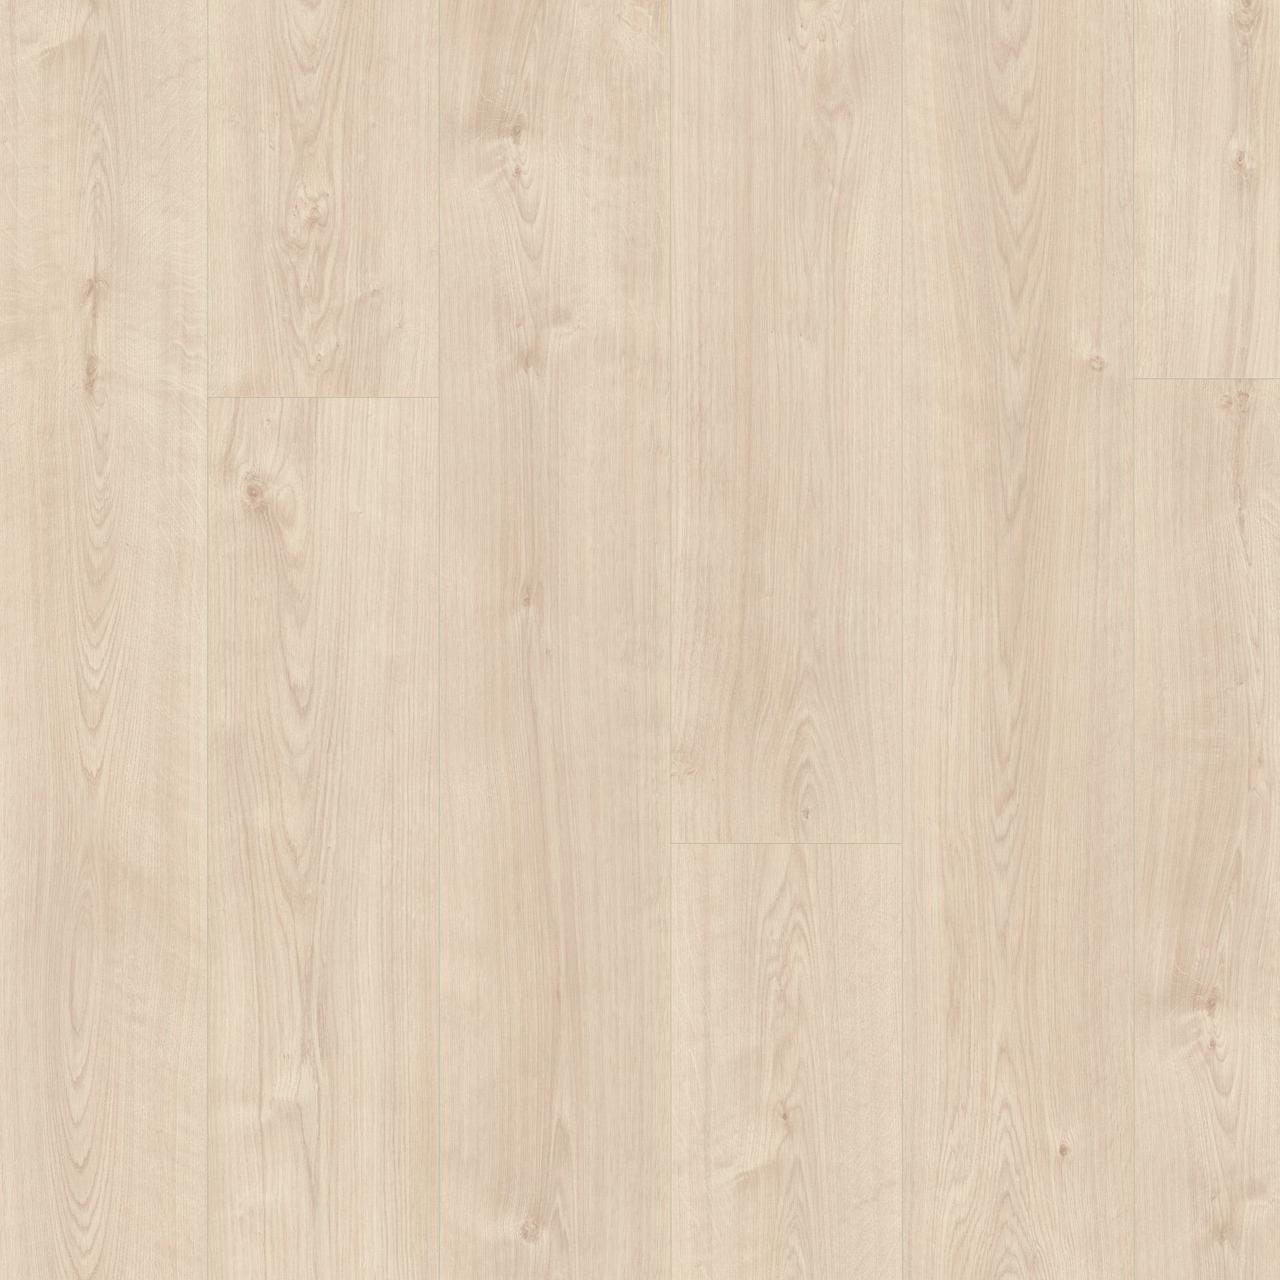 Вінілові покриття Egger Design+ Дуб світлий Едингтон